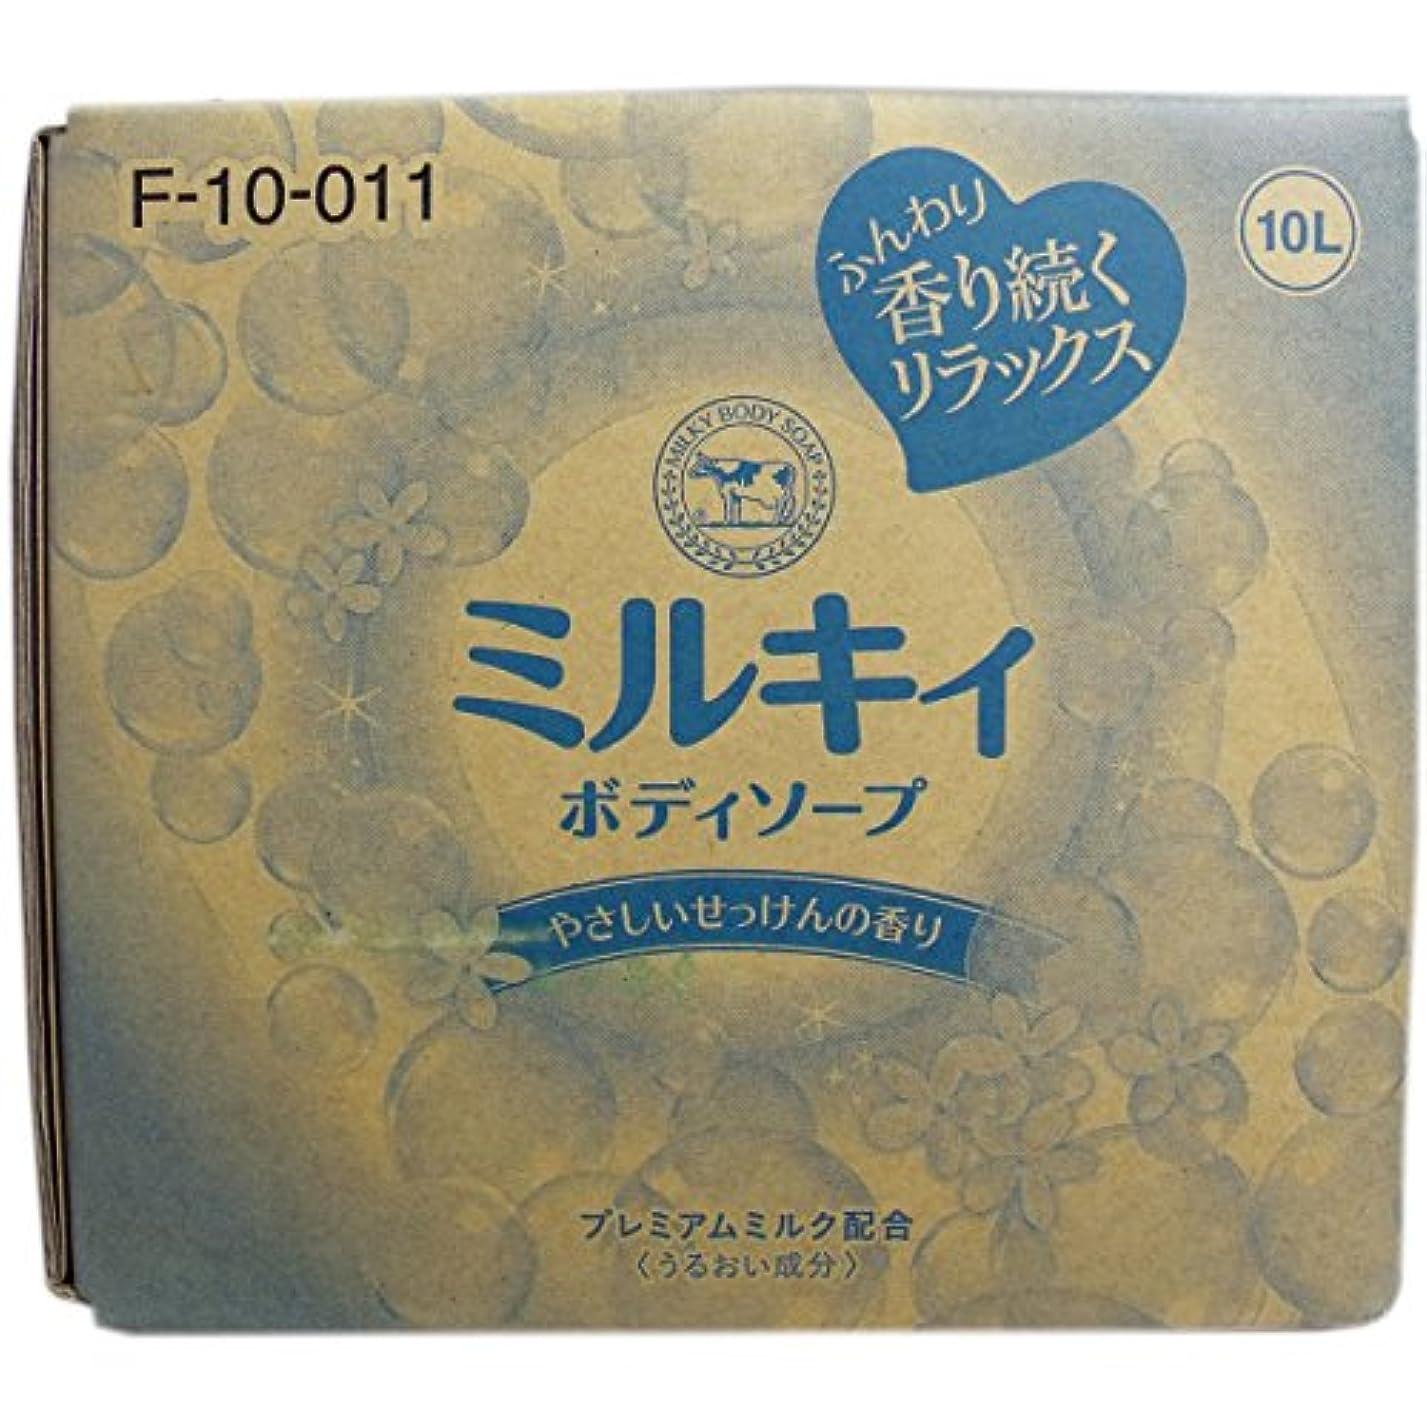 警報試みる貢献する牛乳石鹸 ミルキィボディソープ ミルキィボディソープ 業務用 1個